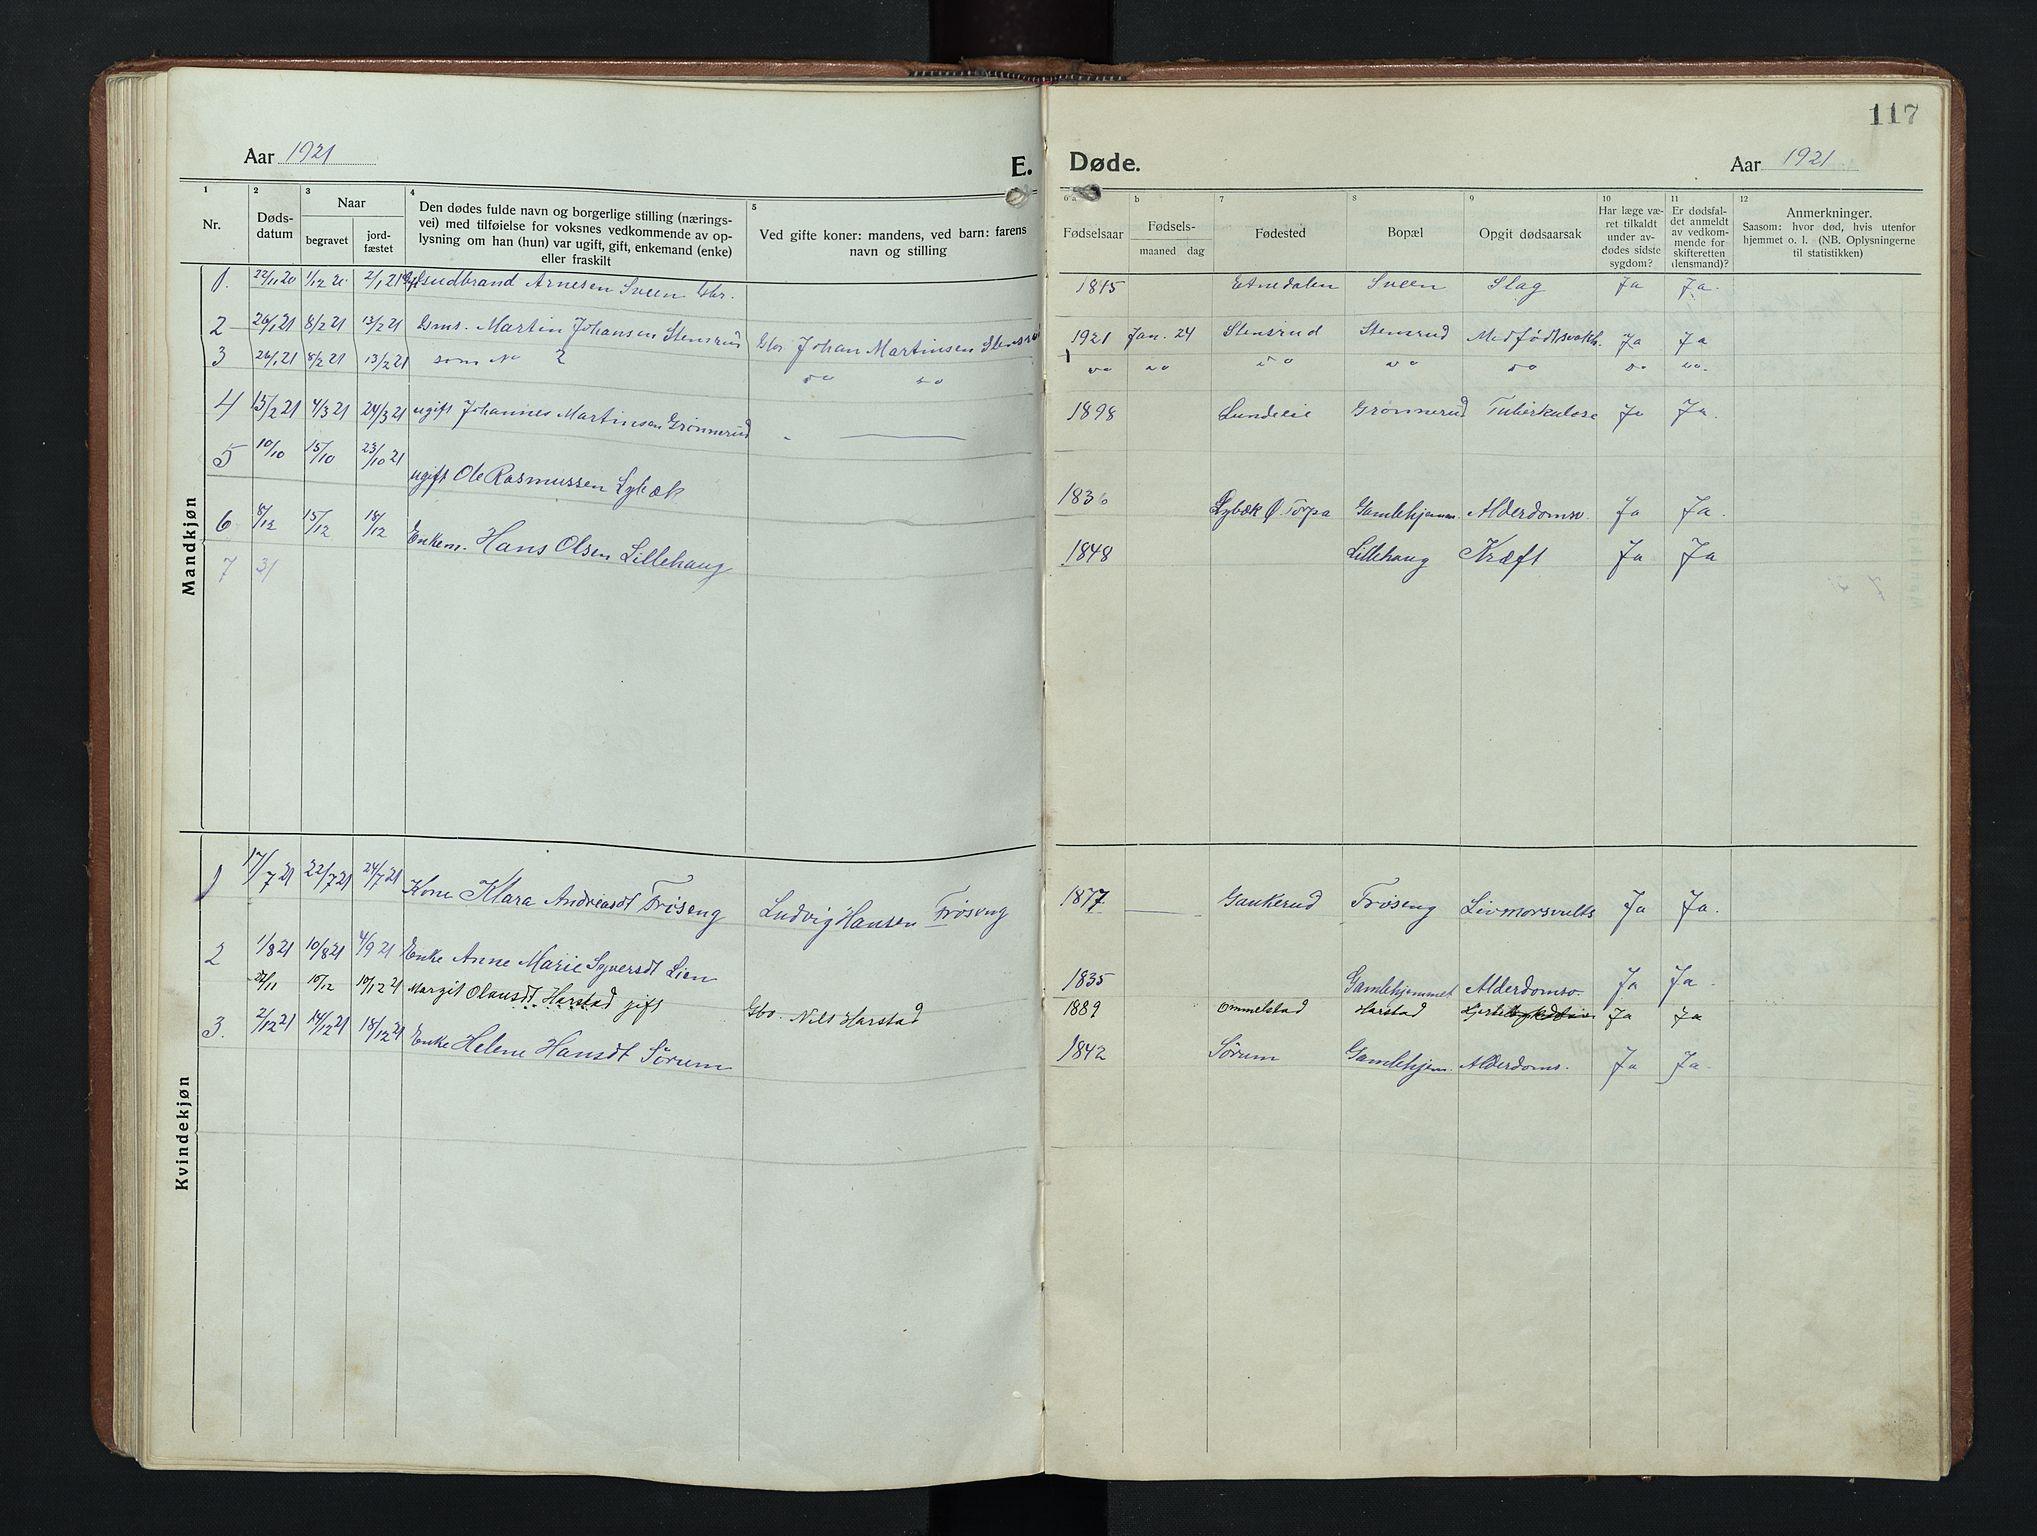 SAH, Nordre Land prestekontor, Klokkerbok nr. 9, 1921-1956, s. 117